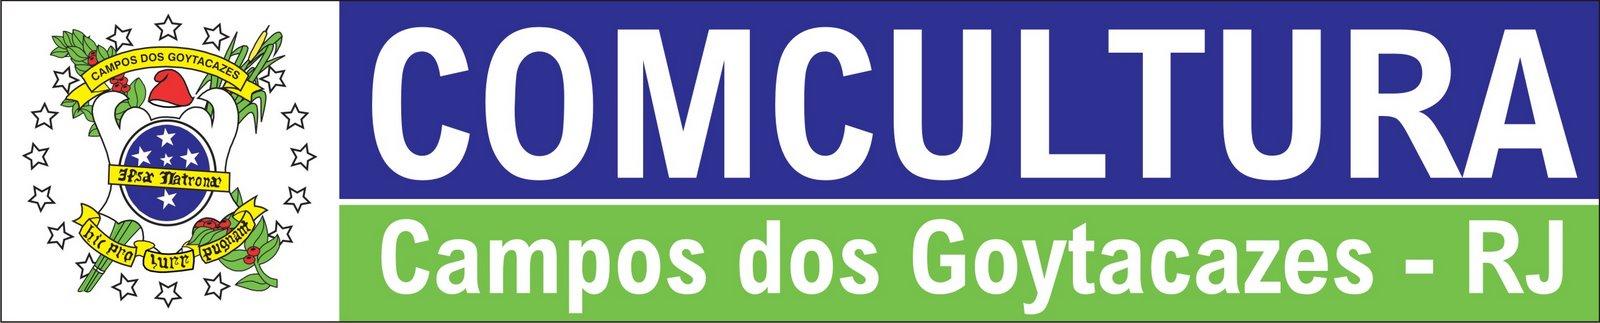 COMCULTURA_notícias e fotos